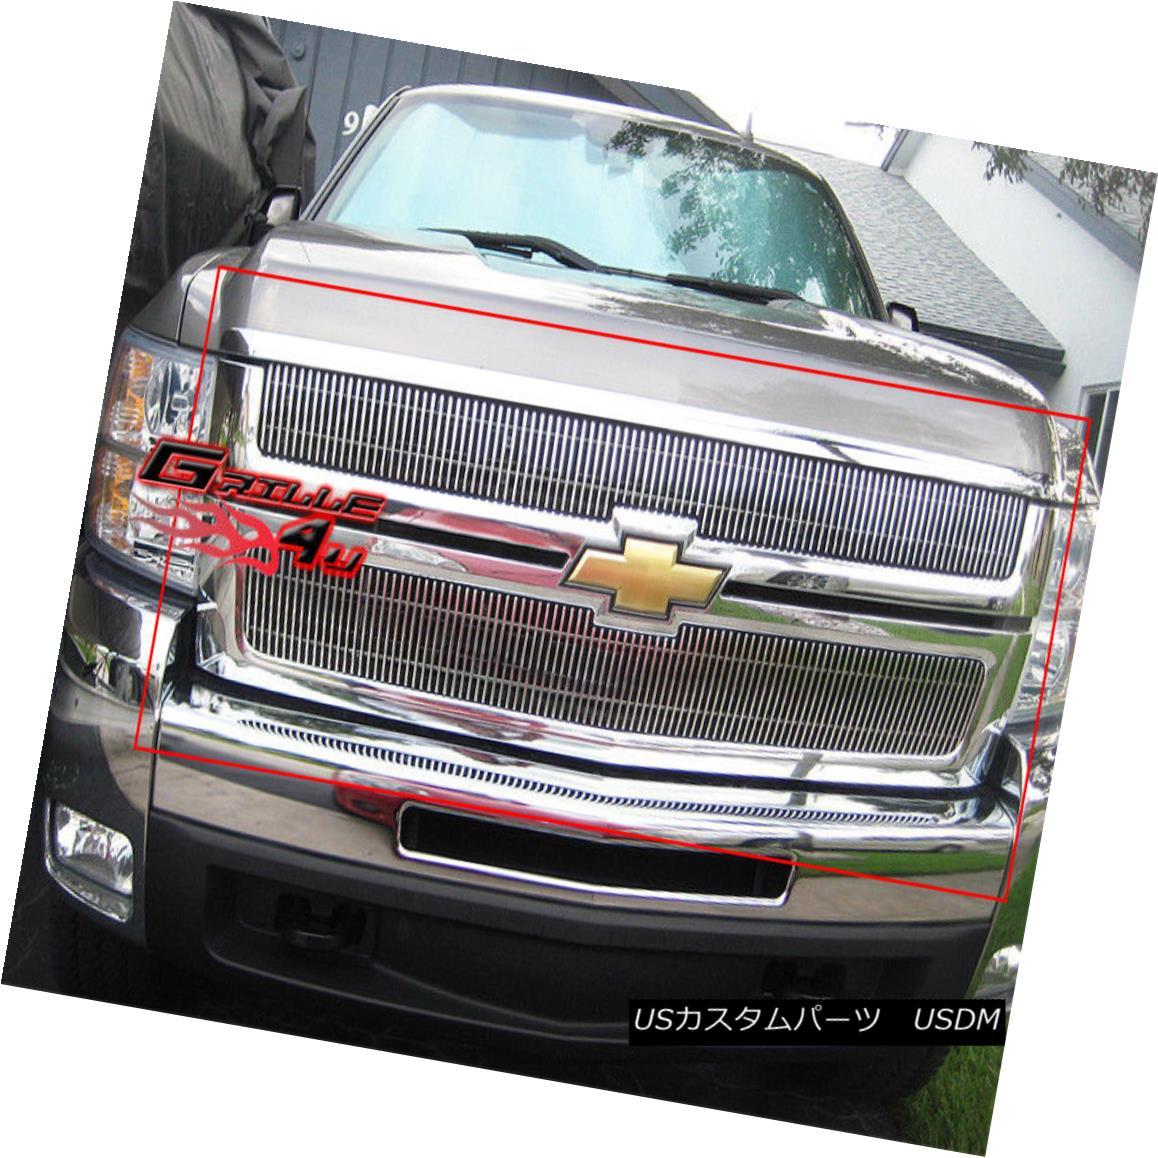 グリル For 07-10 Chevy Silverado 2500/3500 Billet Grille Insert 07-10 Chevy Silverado 2500/3500ビレットグリルインサート用